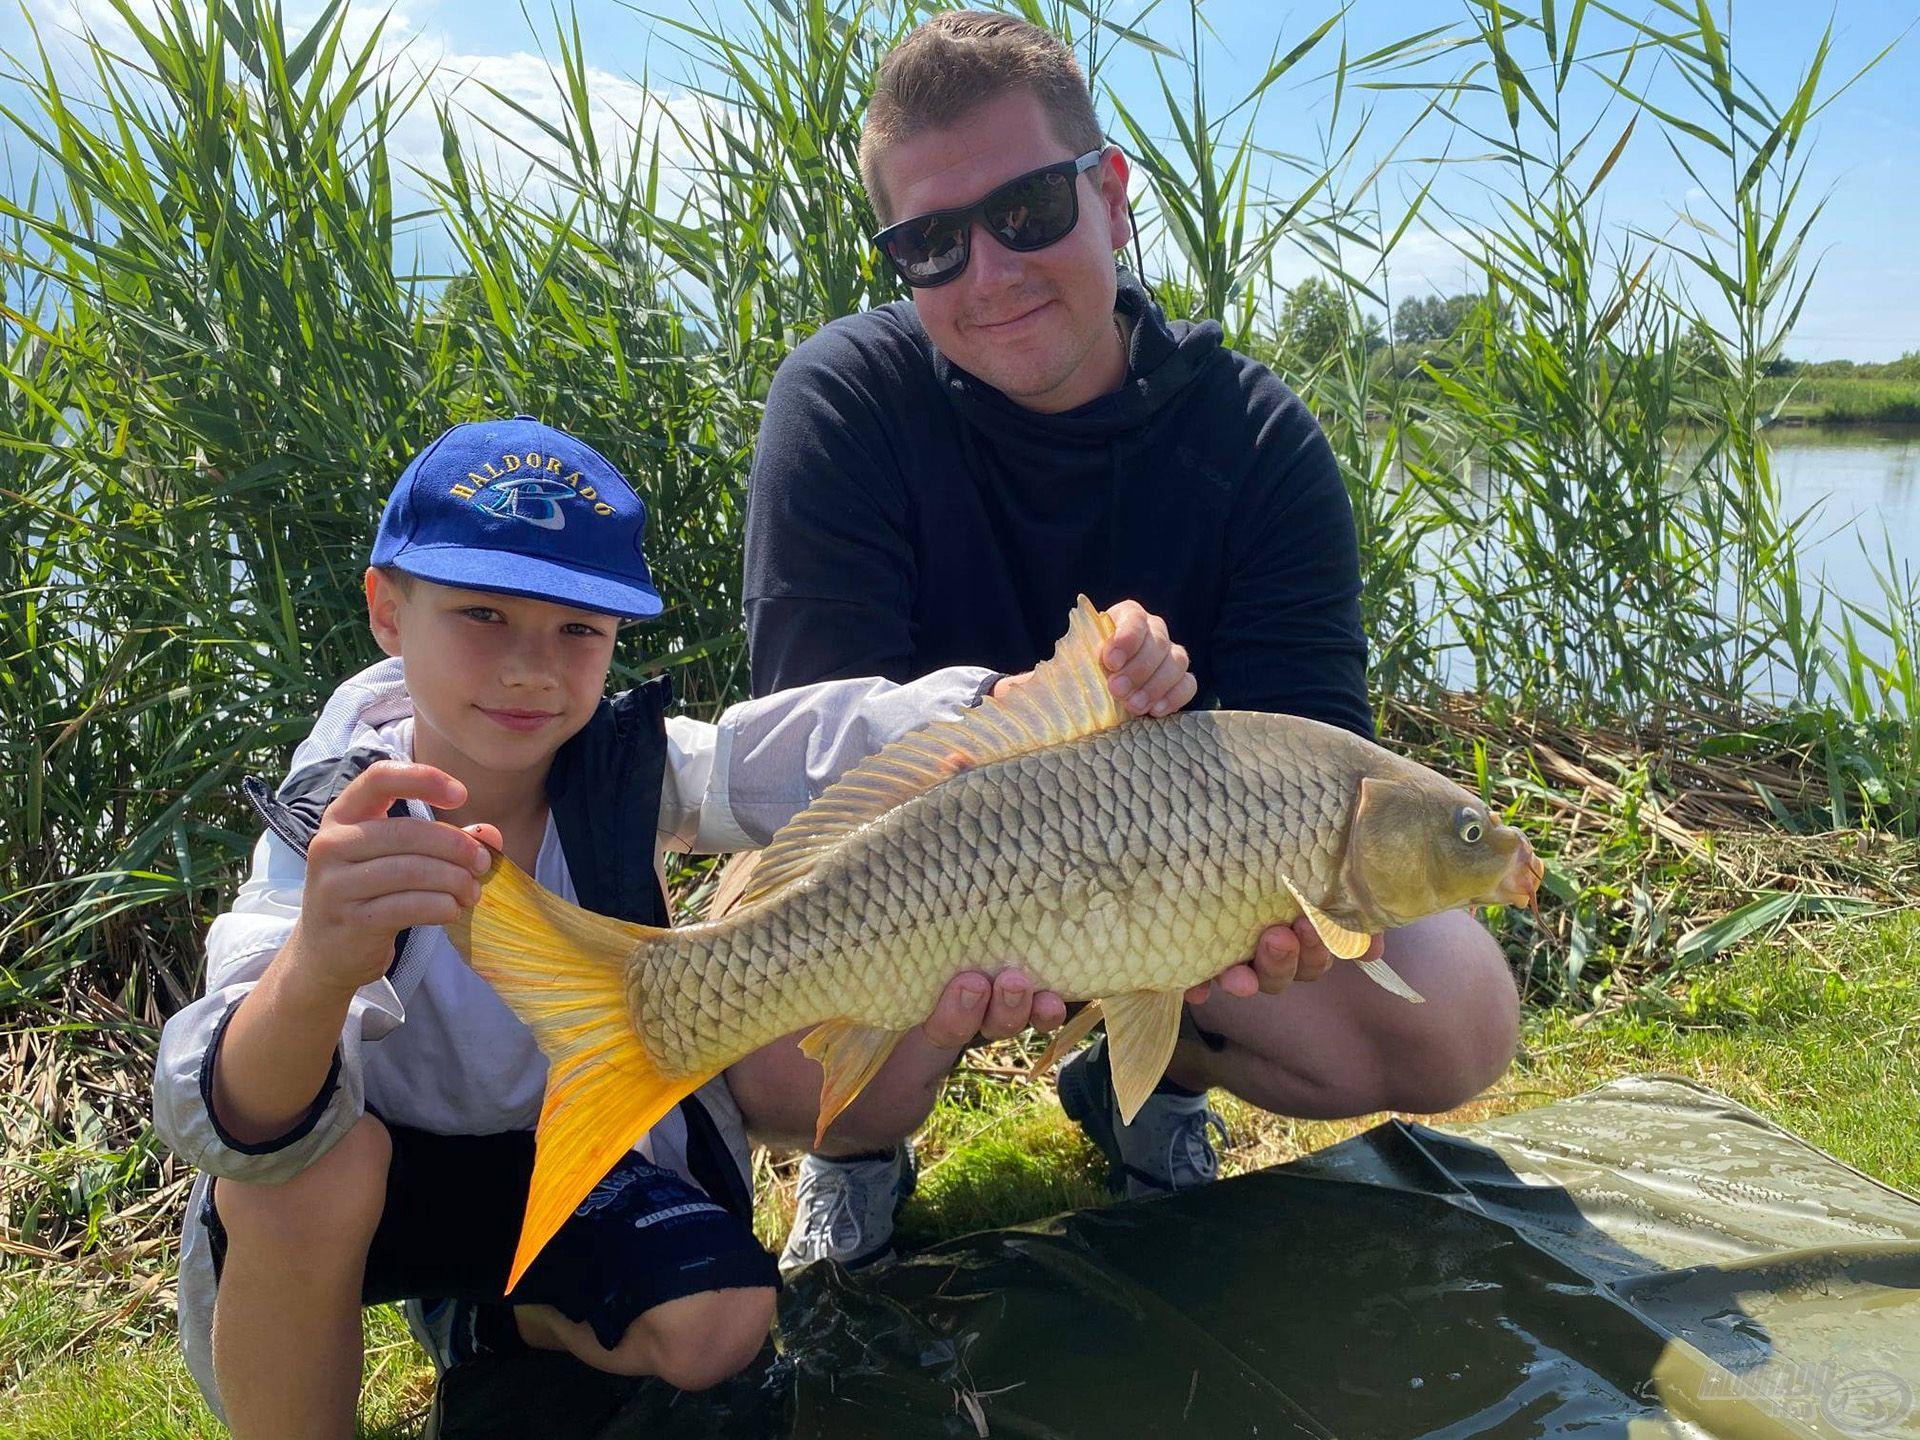 A nagypontyos horgászat iránt érdeklődők Rokolya Pétertől tanulhatnak